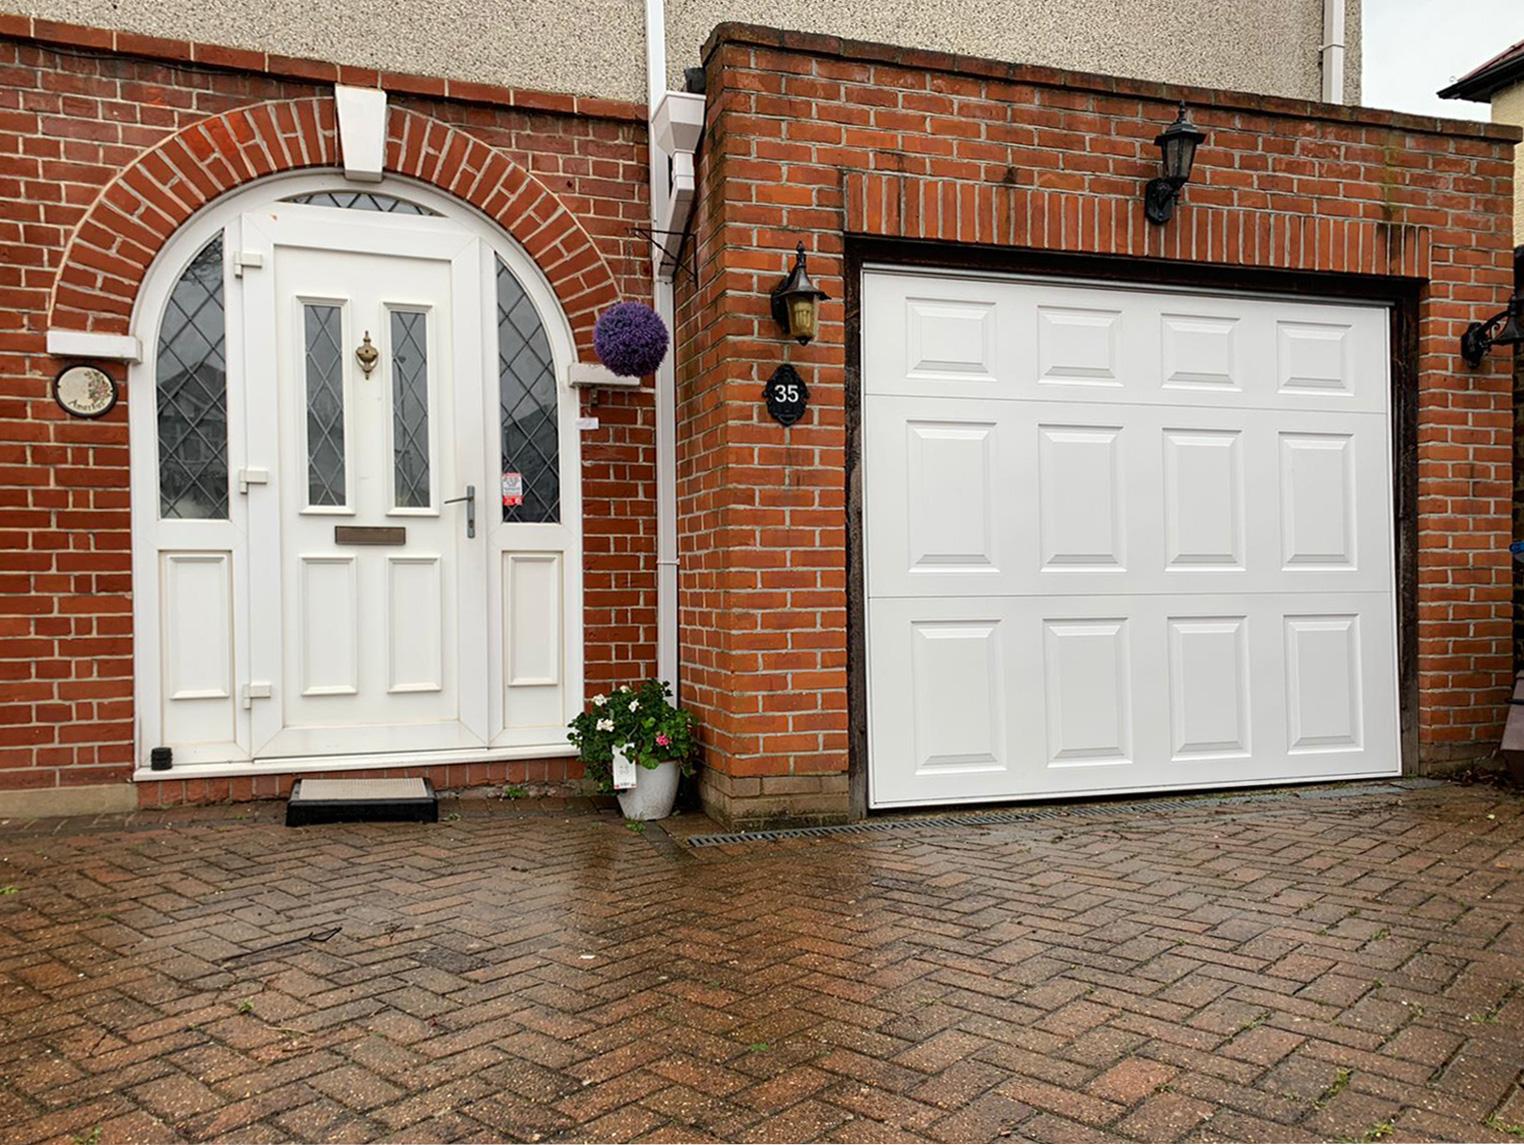 Garador Beaumont Retractable Up & Over Garage Door Finished in White